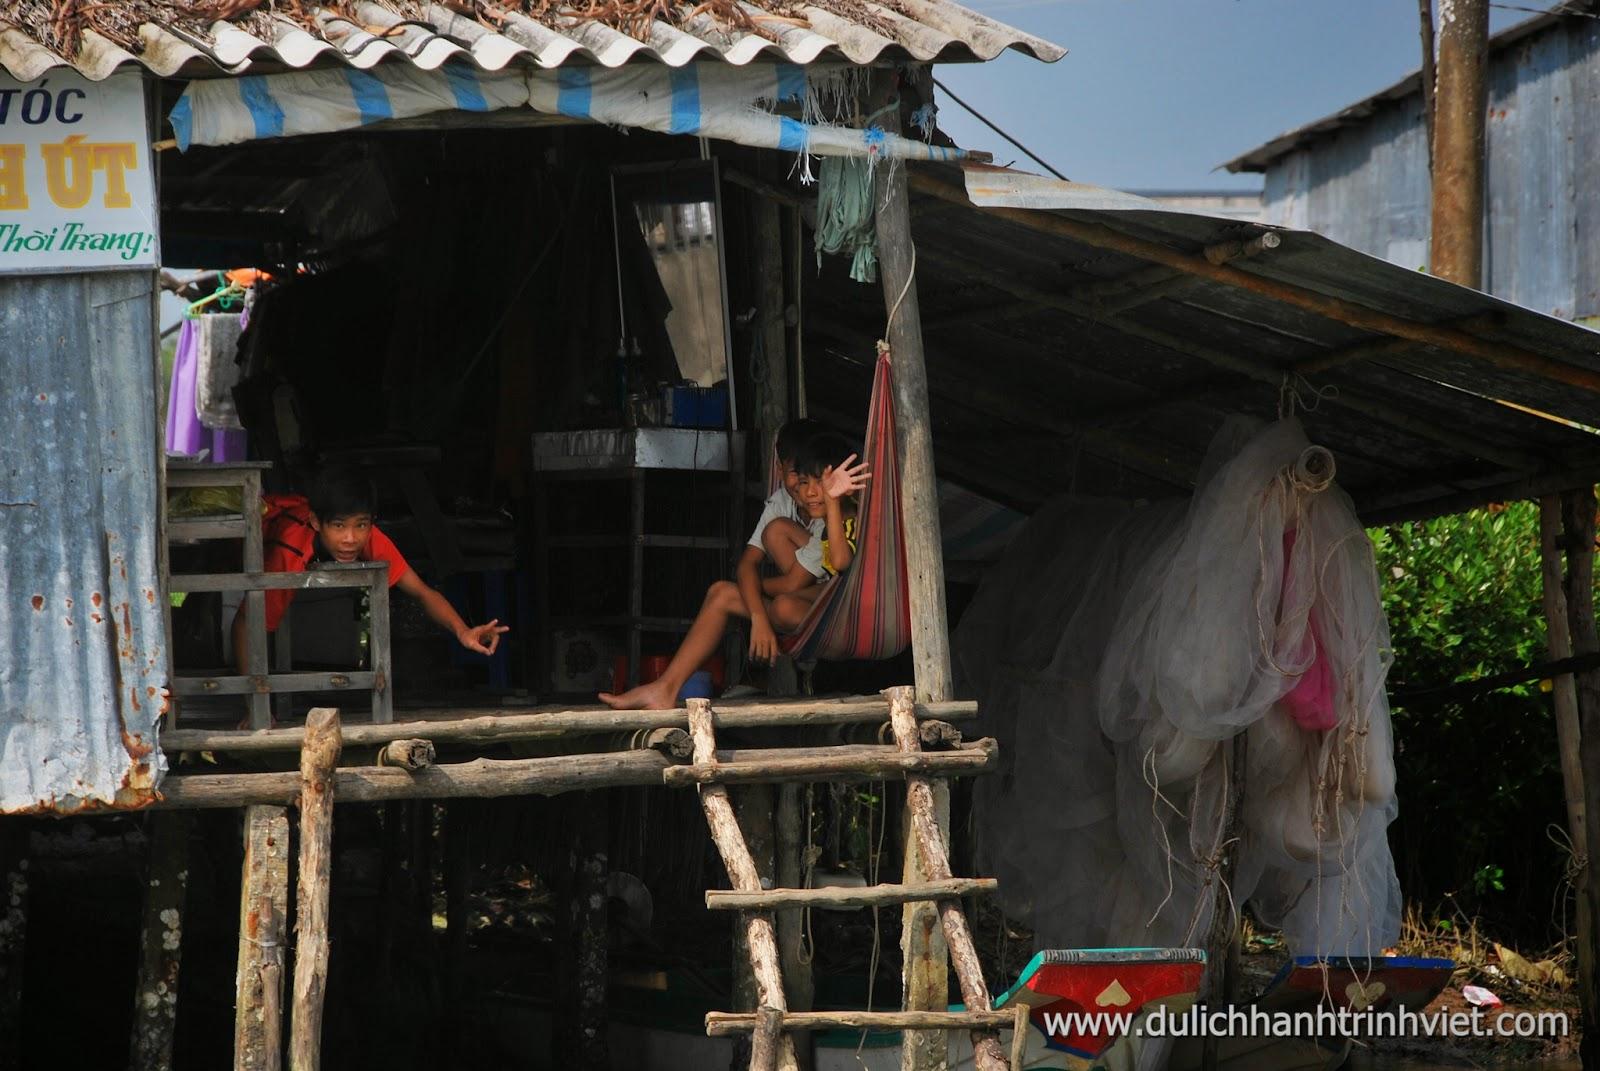 Du lịch đường sôn từ Năm Căn đến Mũi Cà Mau